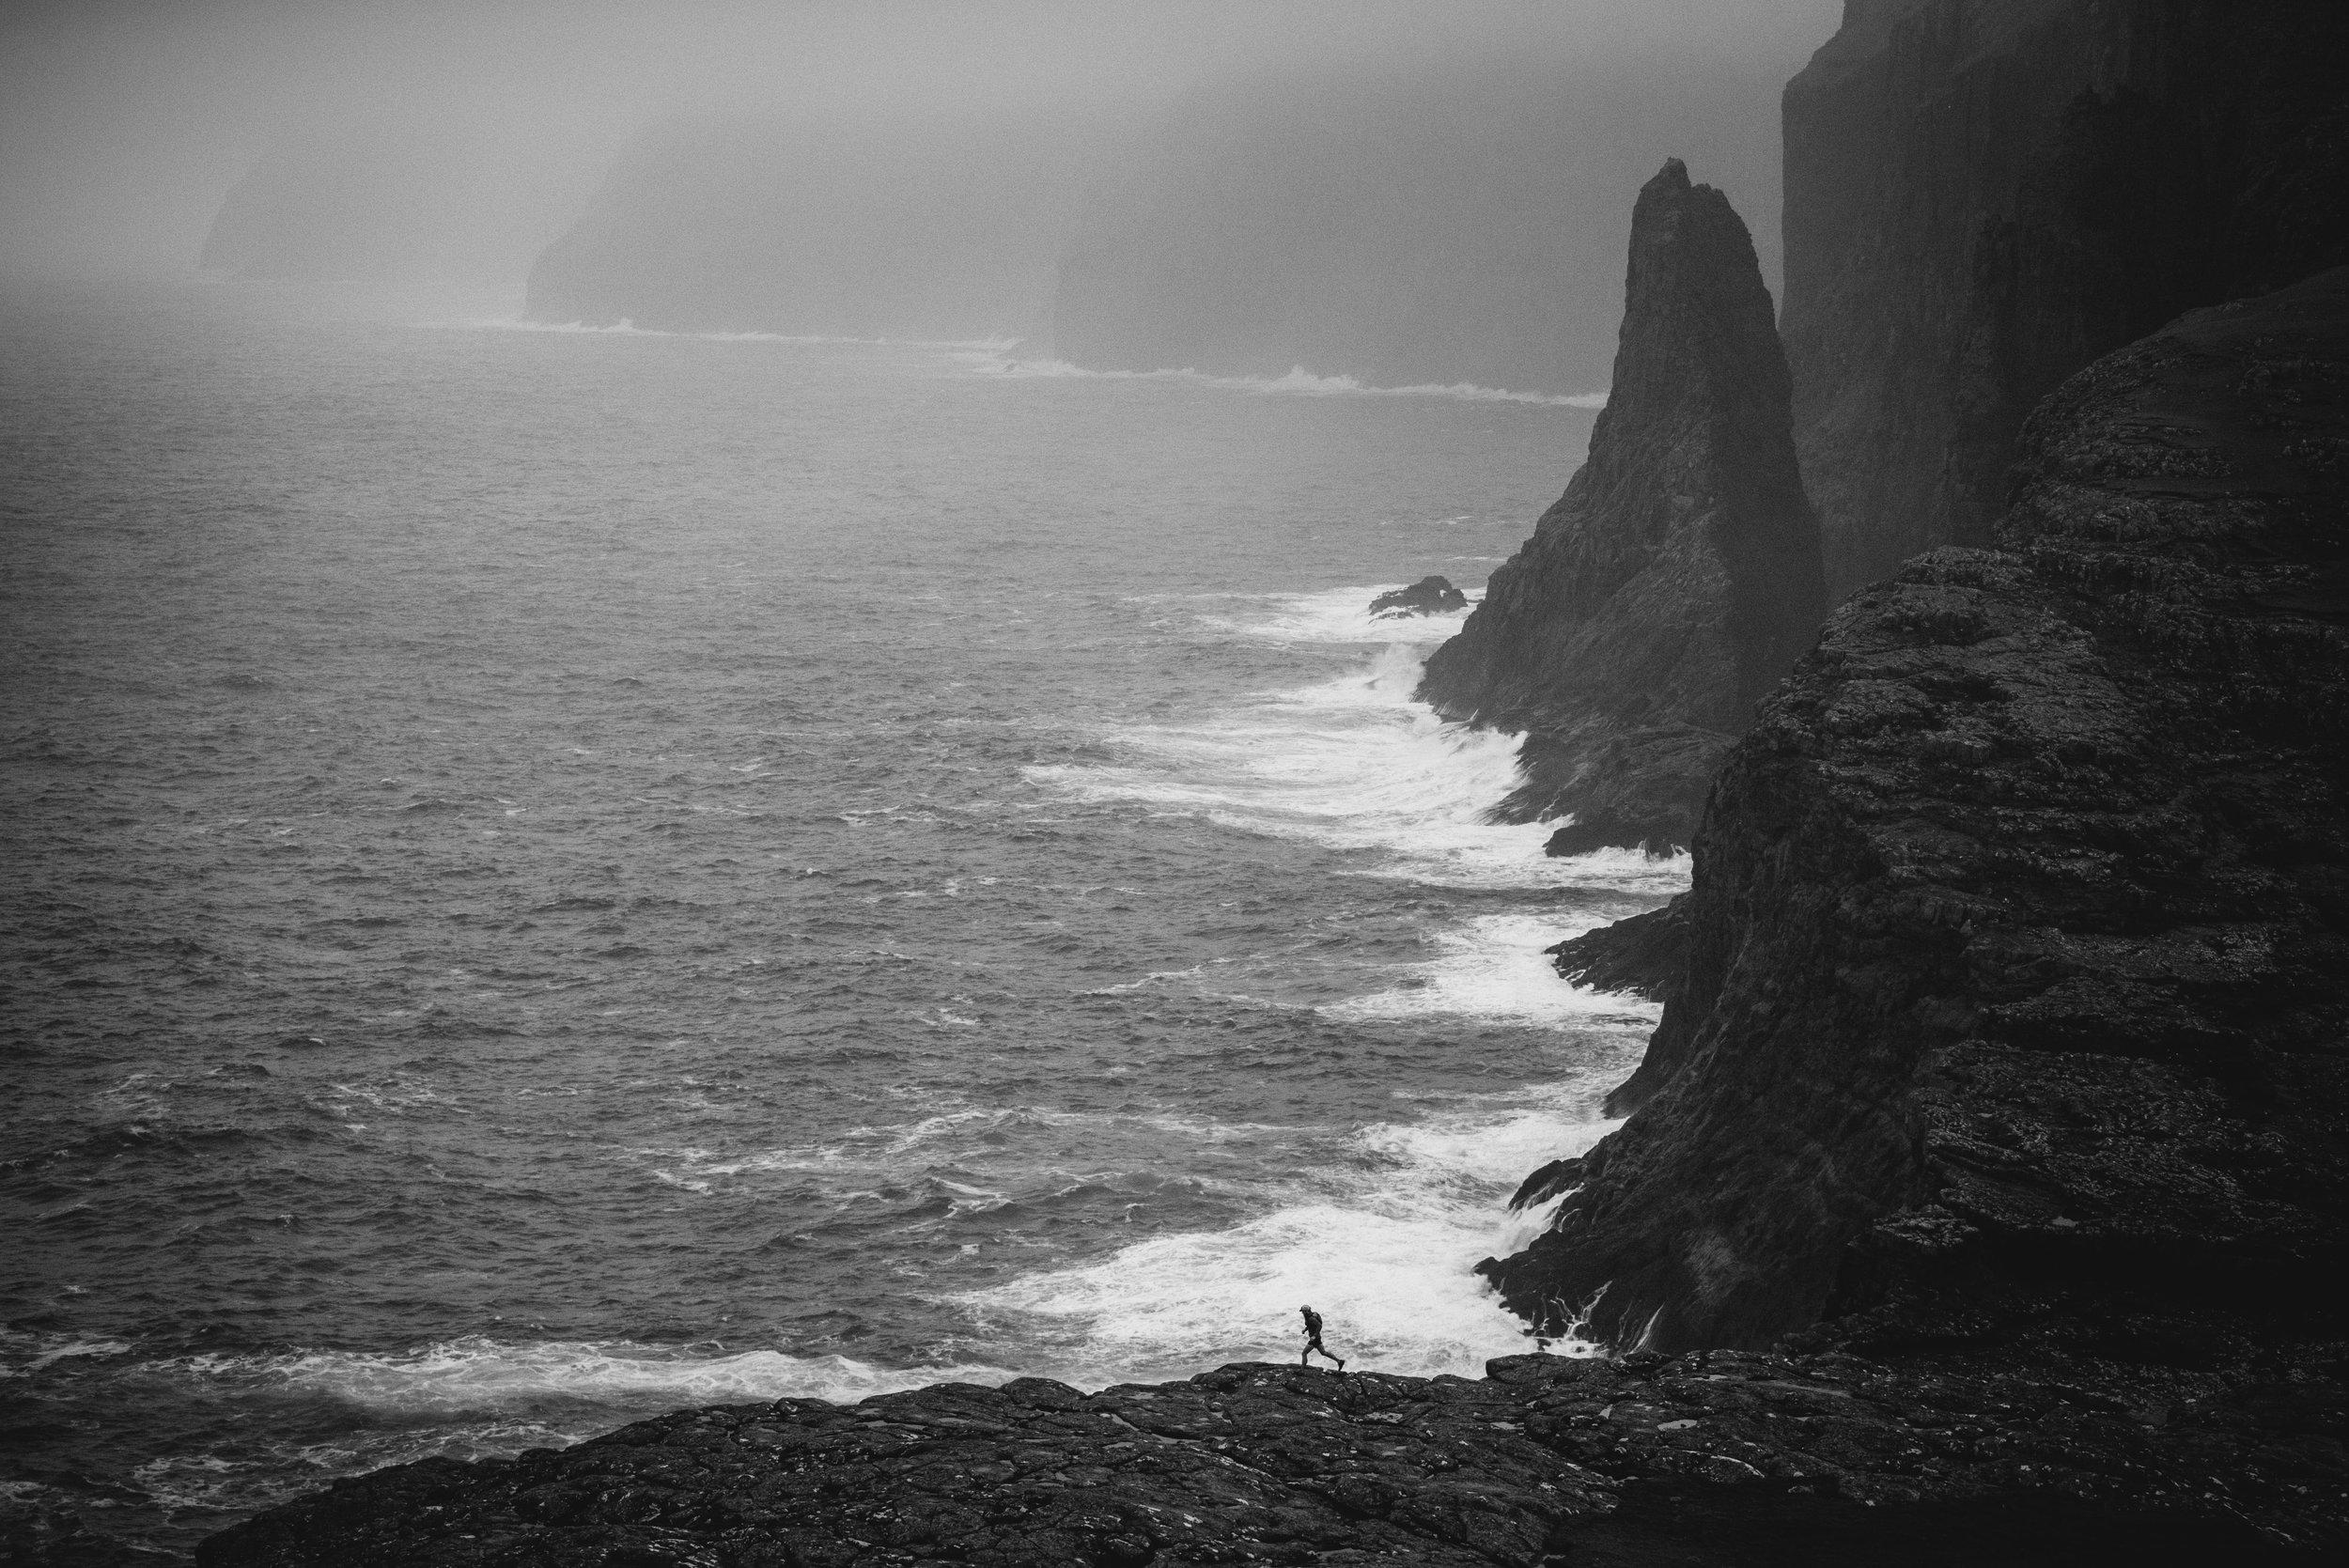 KT_20171023_ThuleTrails_FaroeIslands800_3859.jpg